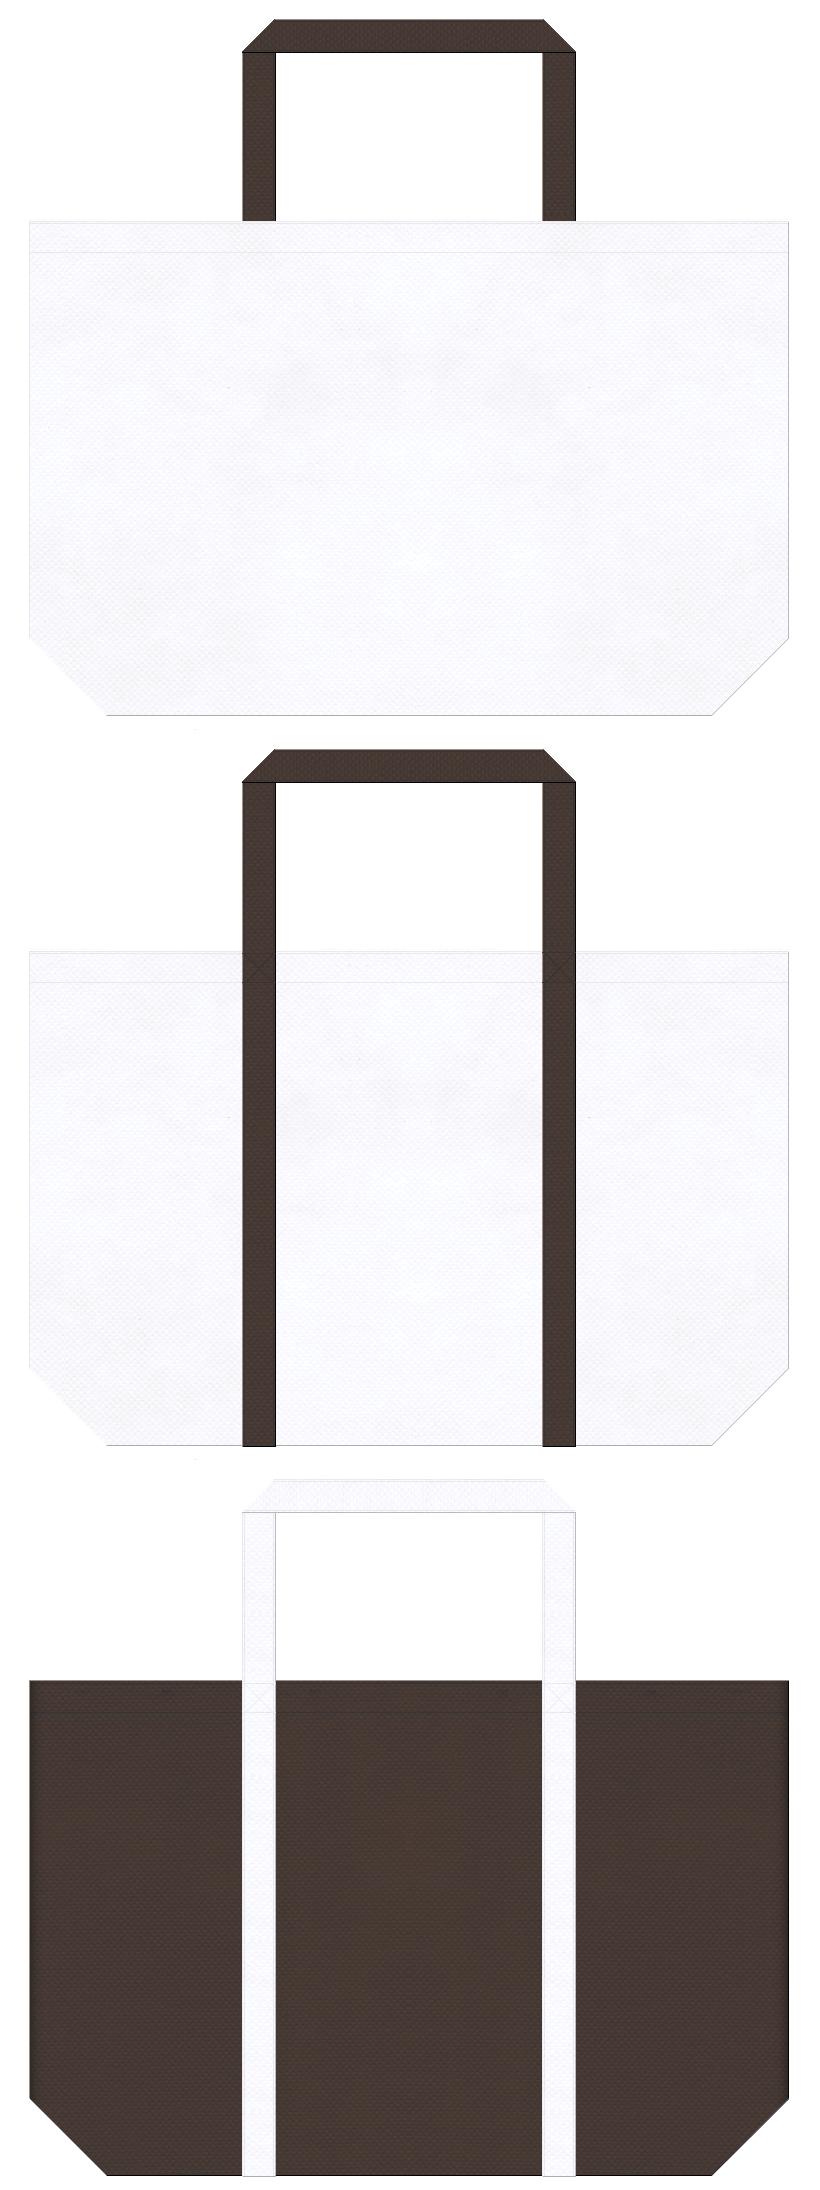 白色とこげ茶色の不織布バッグデザイン:職人イメージのランドリーバッグにお奨めです。